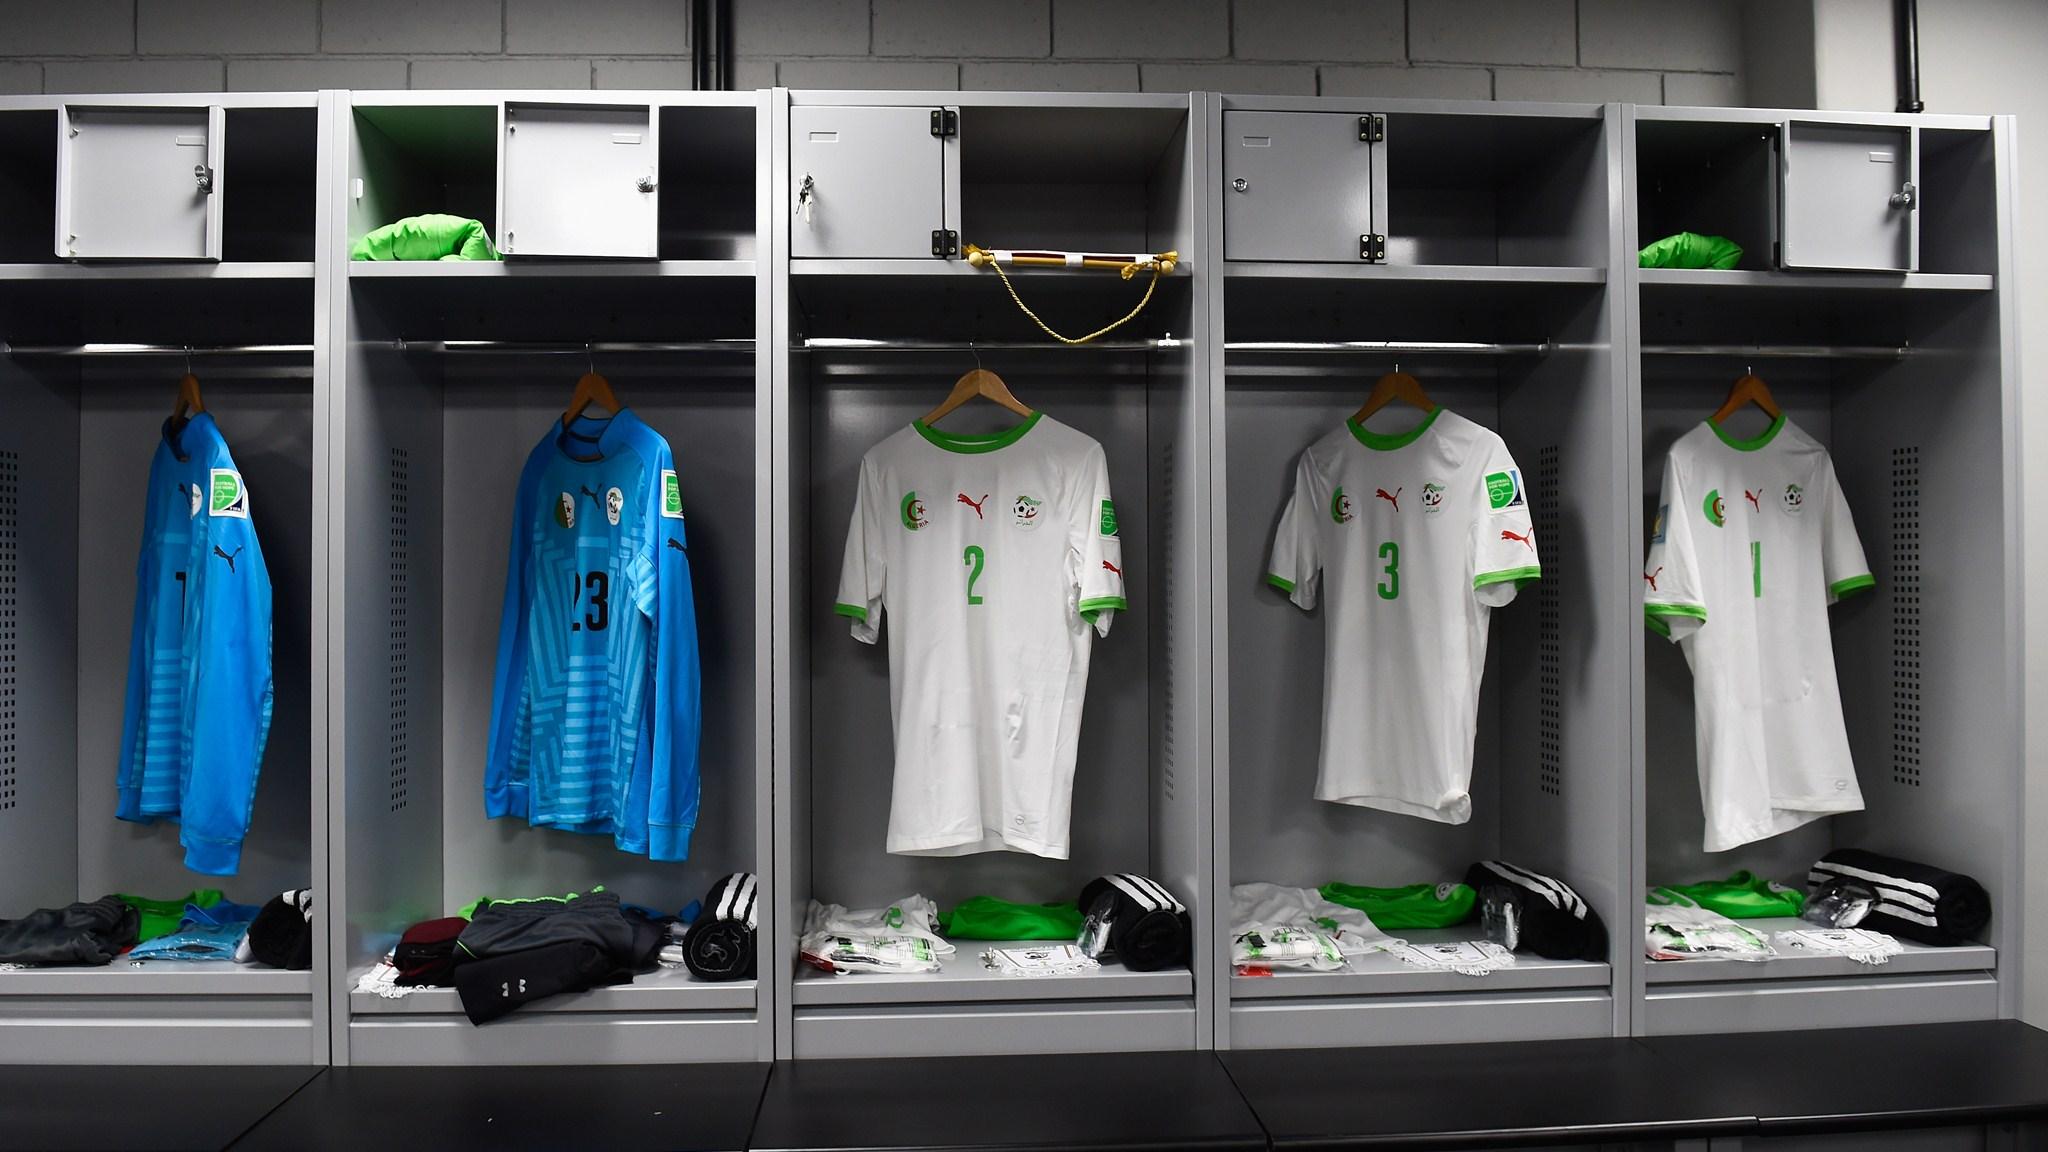 149 - Algeria-Russia [1-1] -- 26 Jun 2014 - 17-00 - kuaza